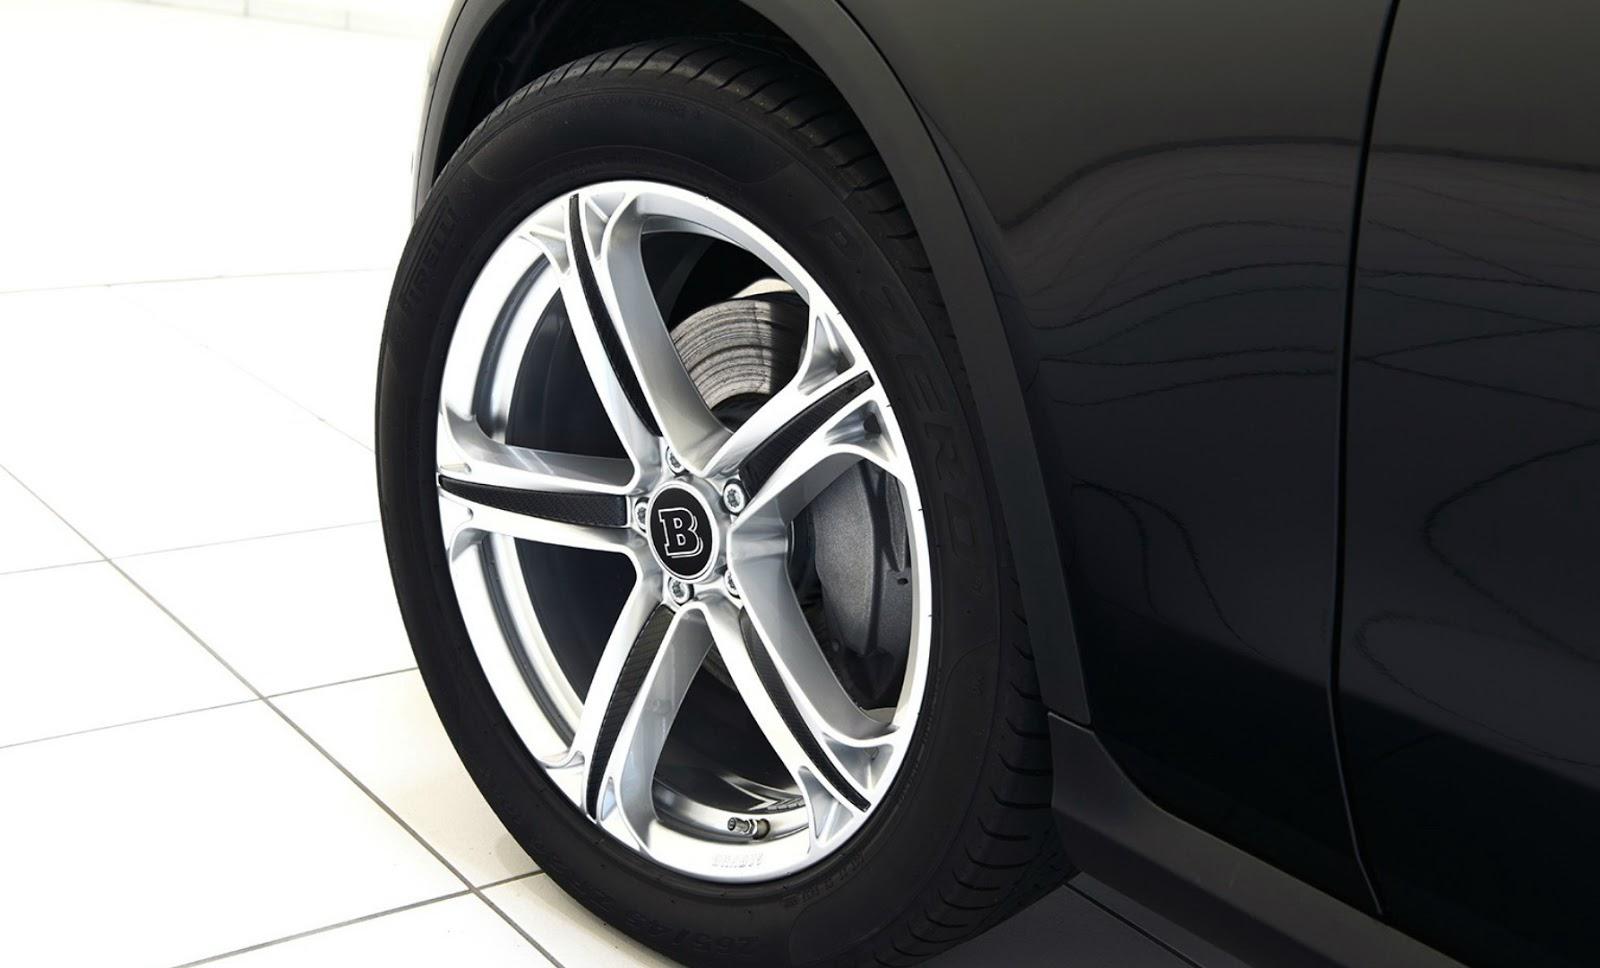 Strasse oferece diversas opções de rodas de liga leve